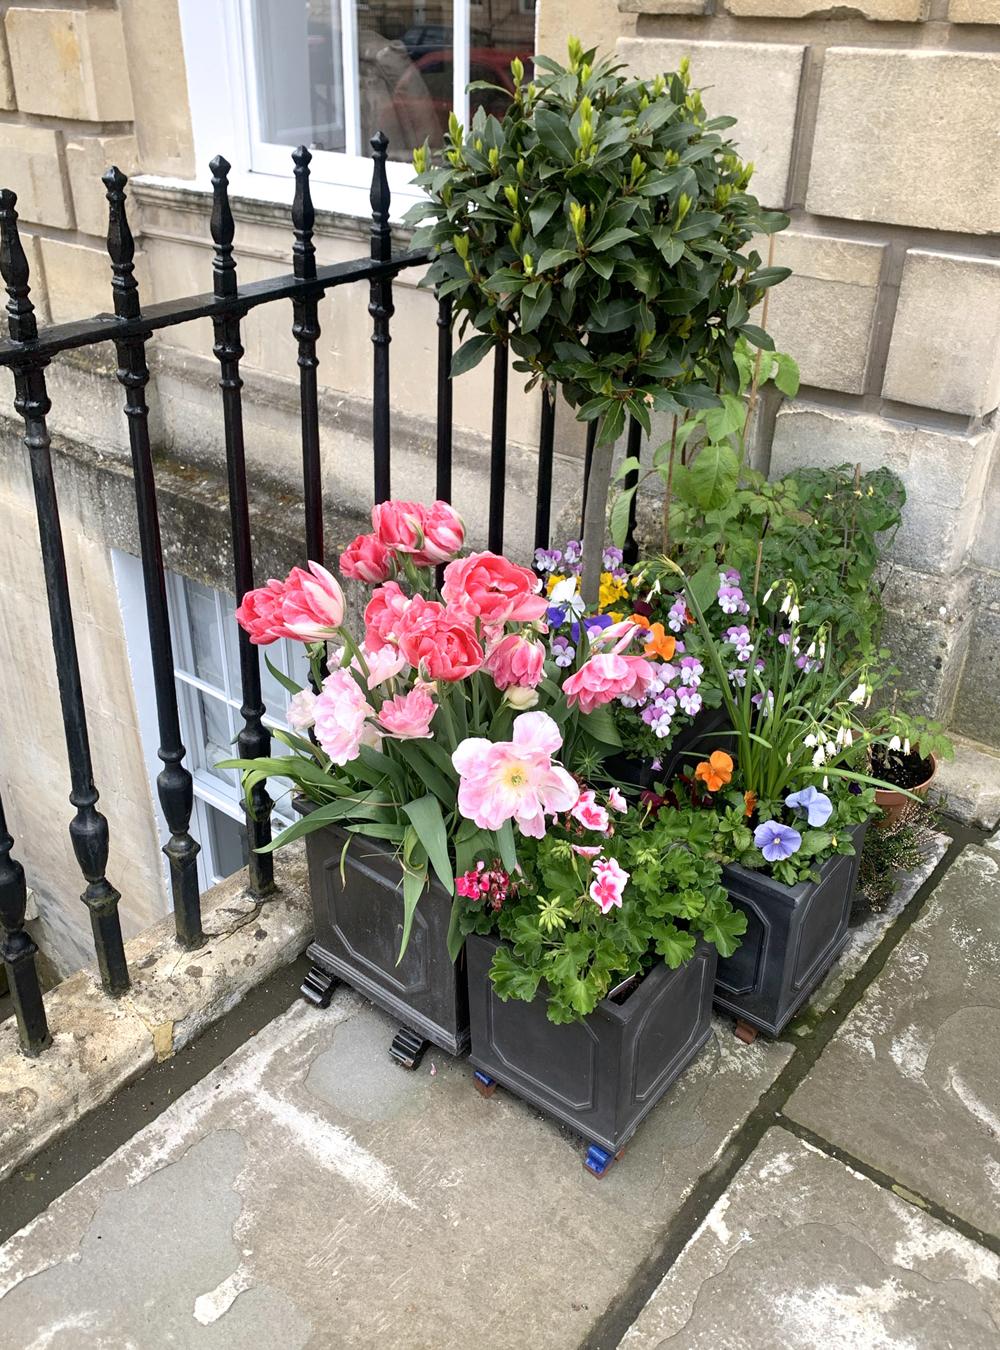 Doorstep flowers in Bath - Emma Louise Layla, UK travel & lifestyle blog